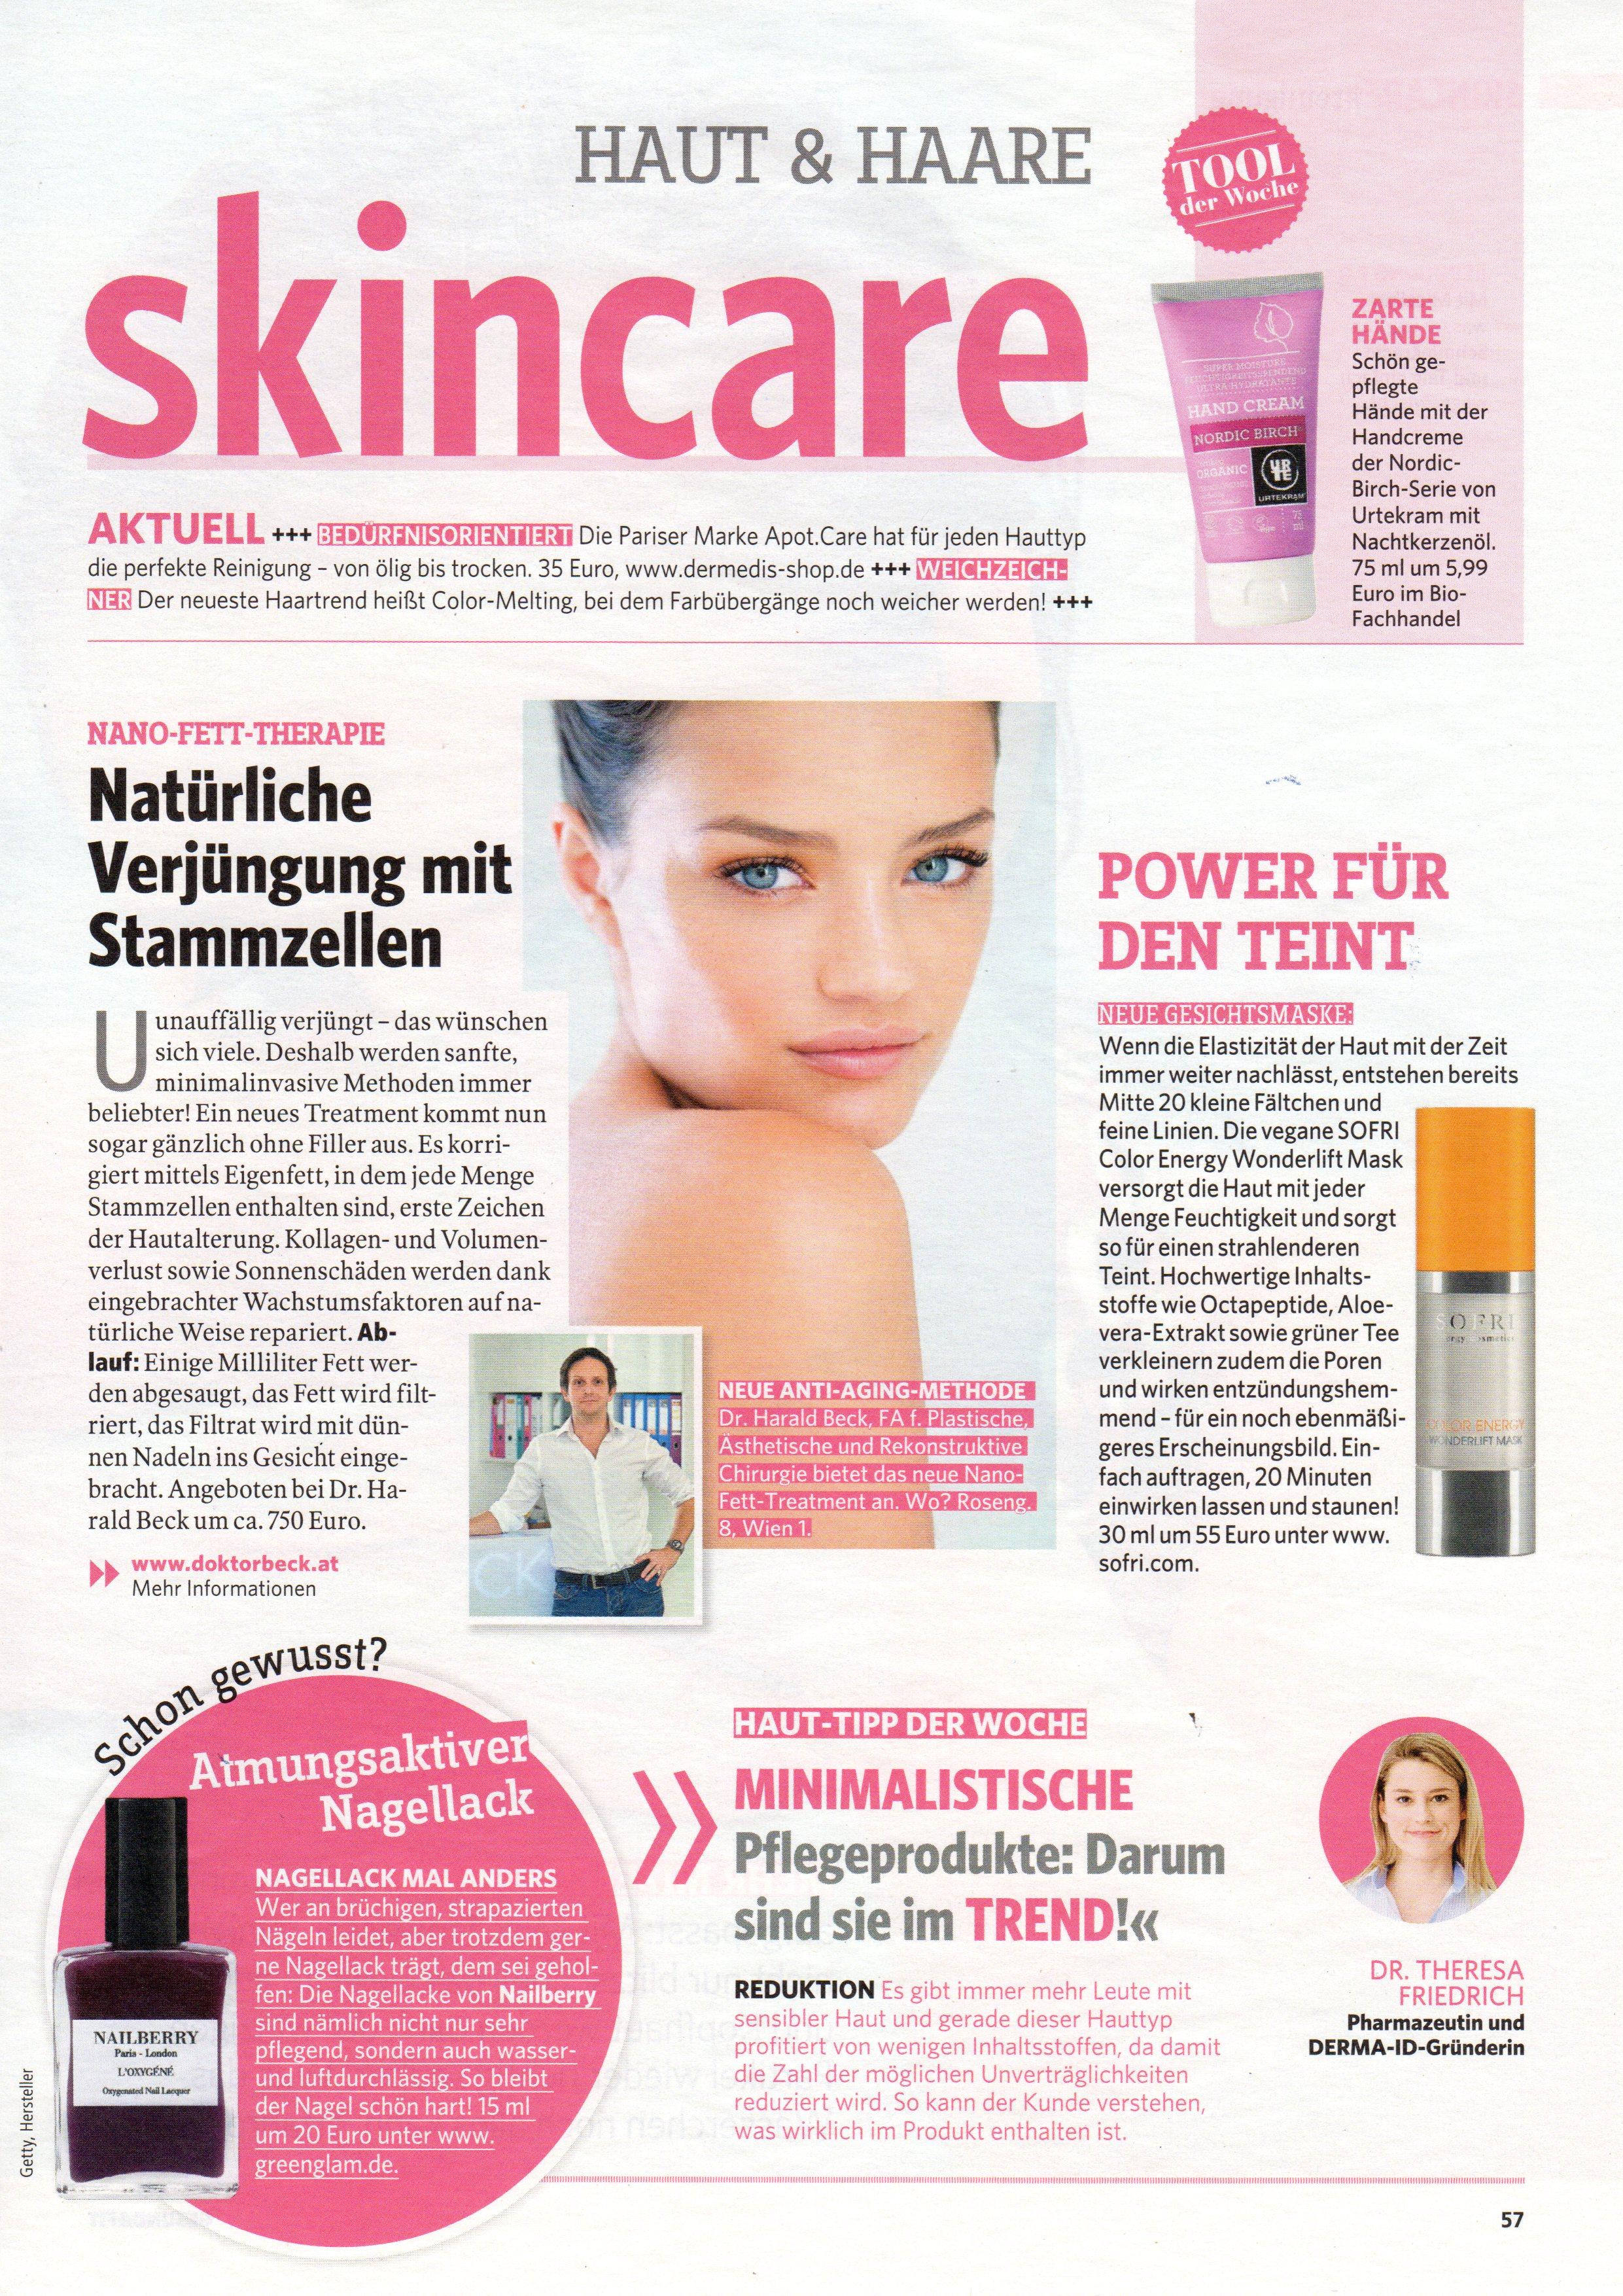 Haut&Haare: skincare, gesund&fit im November 2017